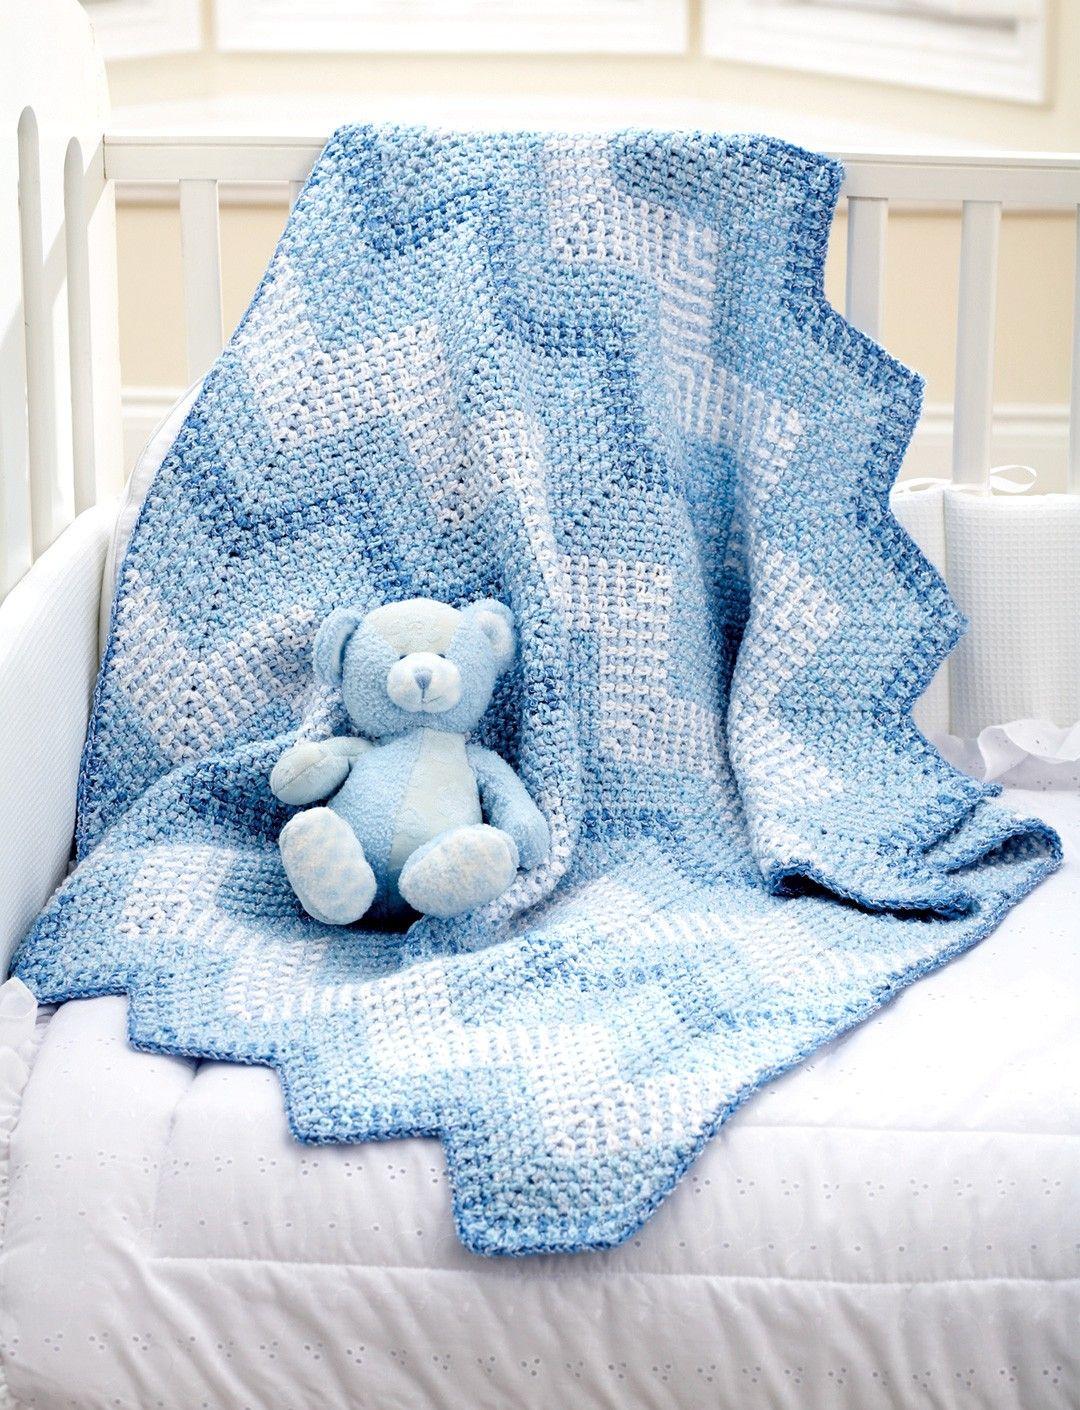 Yarnspirations.com - Bernat Cascading Ripples Blanket - Patterns ...